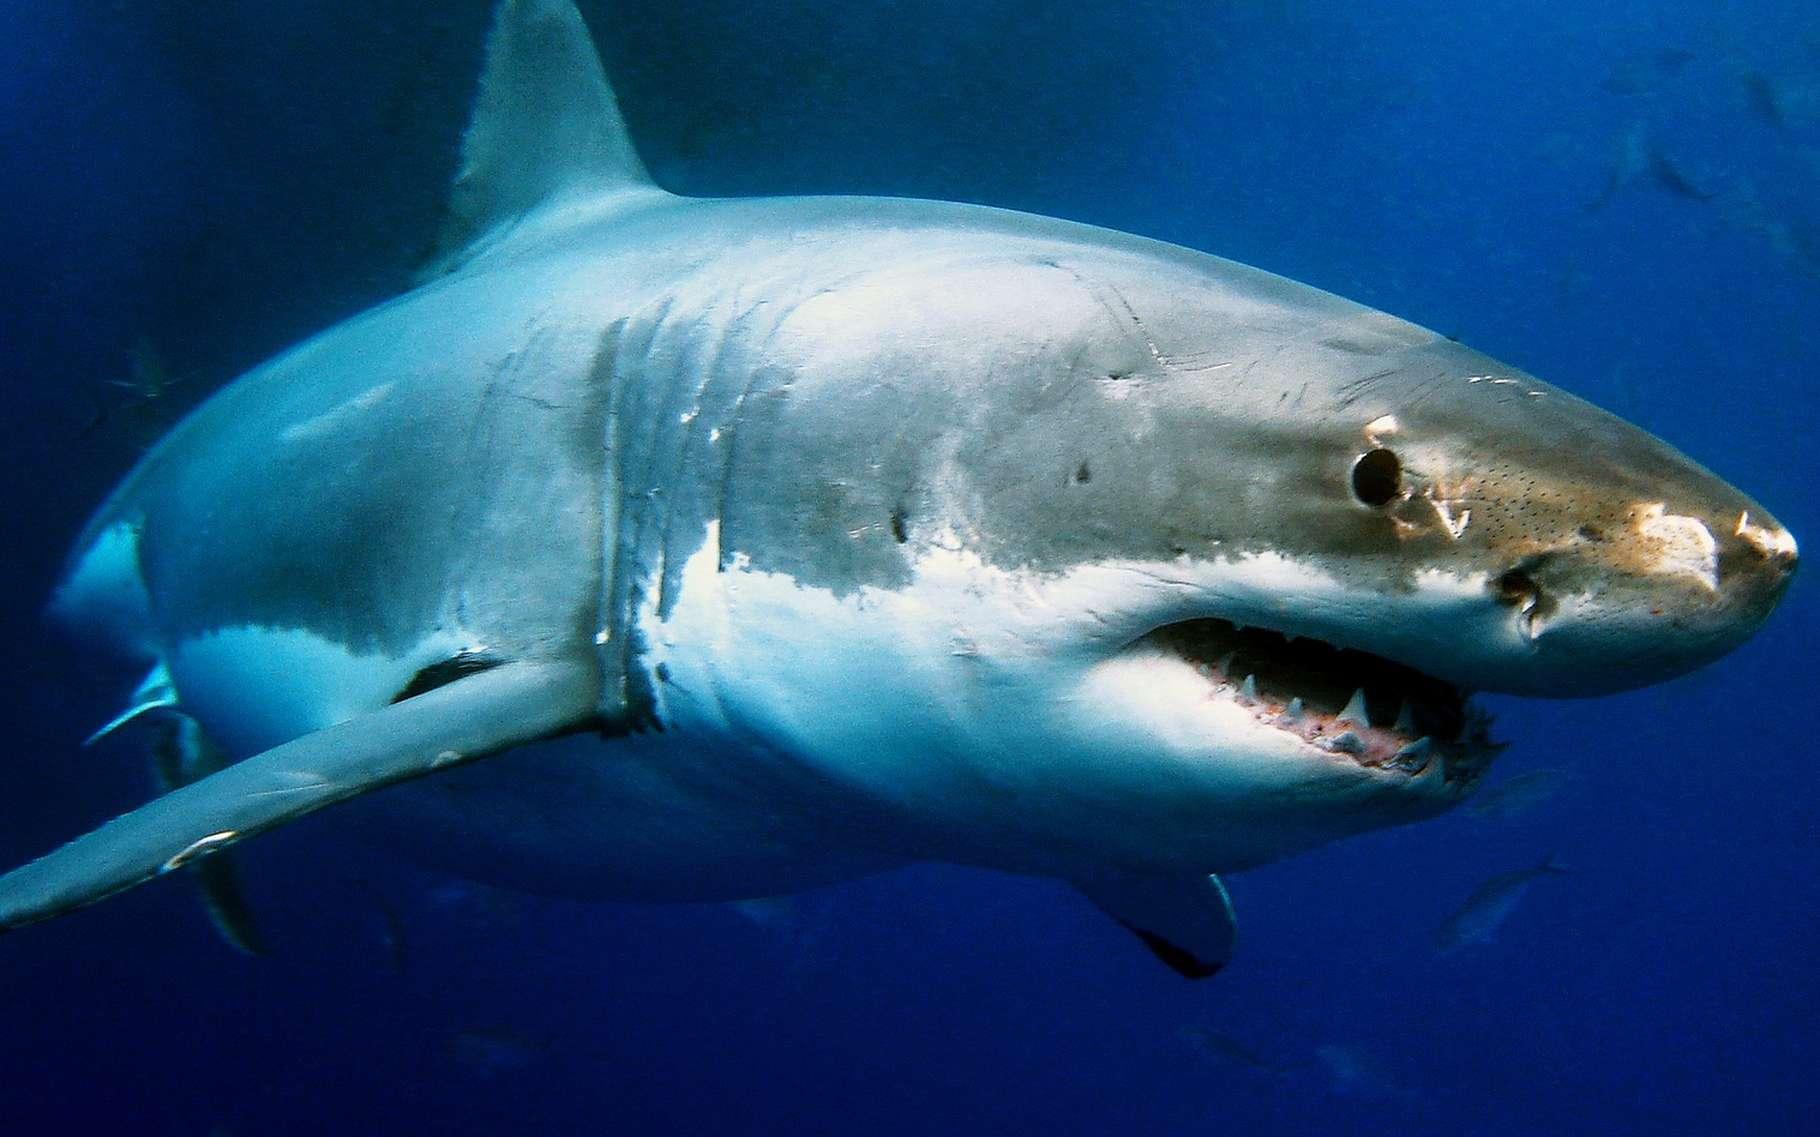 Les requins seraient peut-être plus appréciés du public s'ils étaient présentés avec des fonds musicaux moins inquiétants dans les reportages. © Alexius Sutandio, Shutterstock